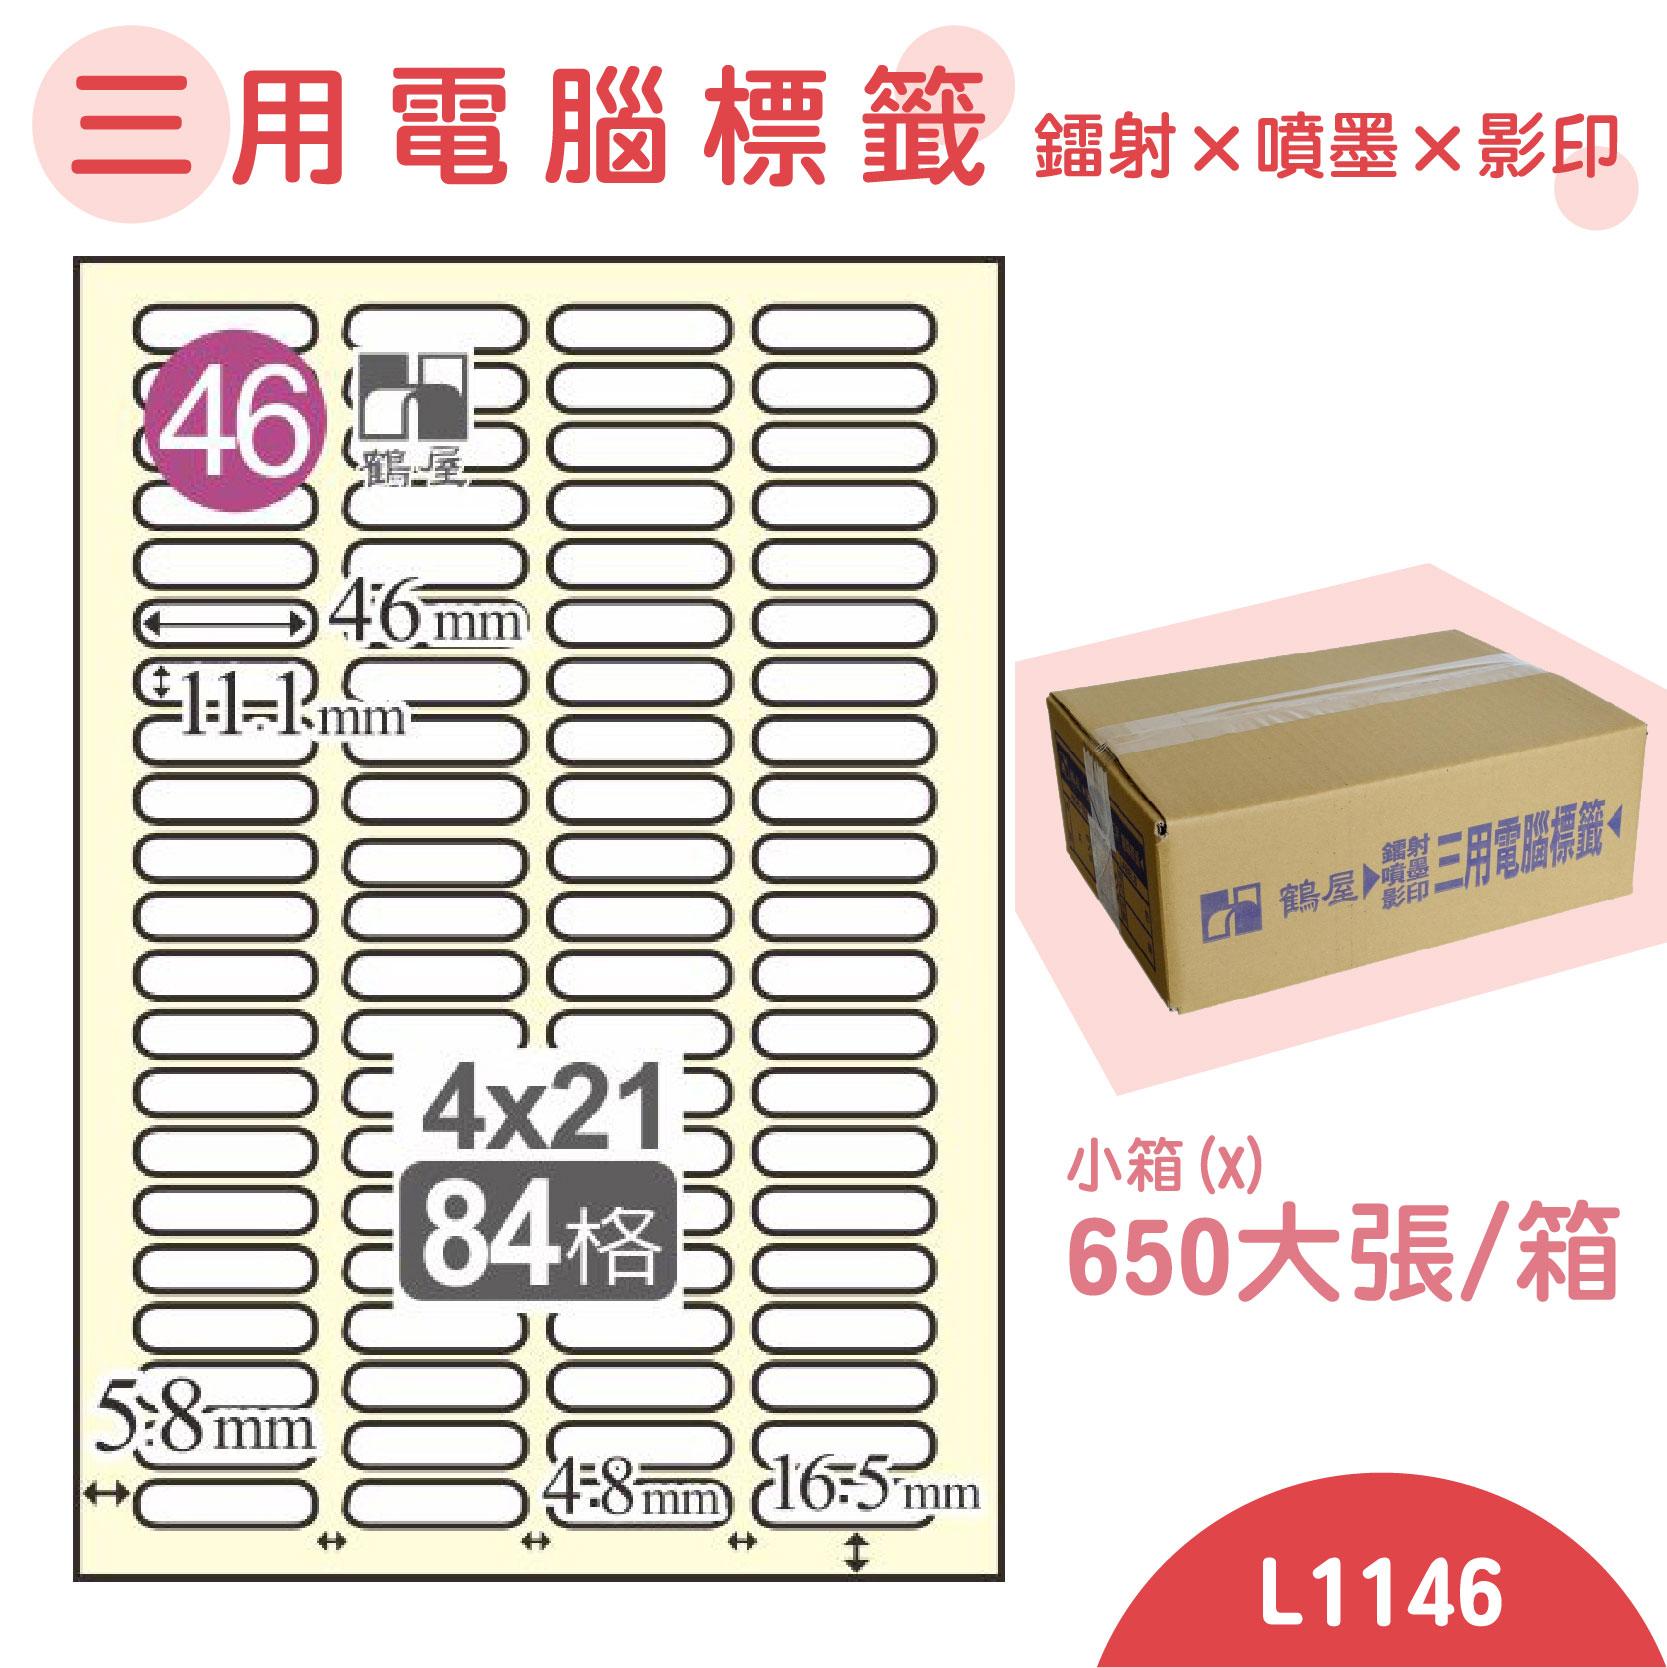 電腦標籤紙(鶴屋) 白色 L1146 84格 650大張/小箱 影印 雷射 噴墨 三用 標籤 貼紙 信封 光碟 名條